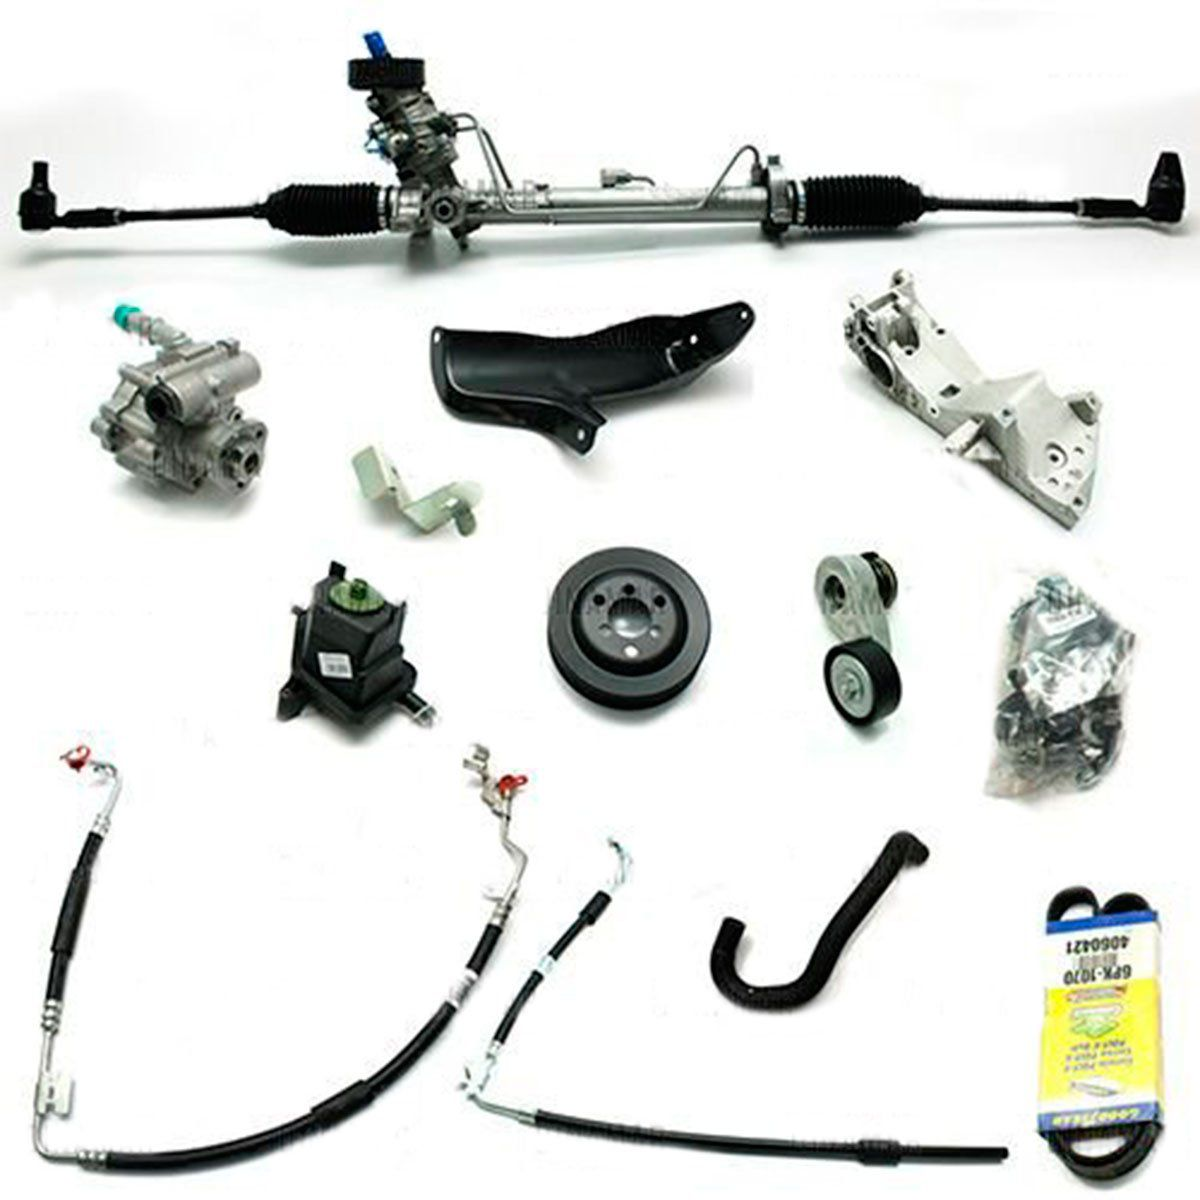 Kit De Direção Hidráulica Do Volkswagen Fox 1.0/1.6 De 2004 Até 2008 (Modelos Com Ar Condicionado Instalado)